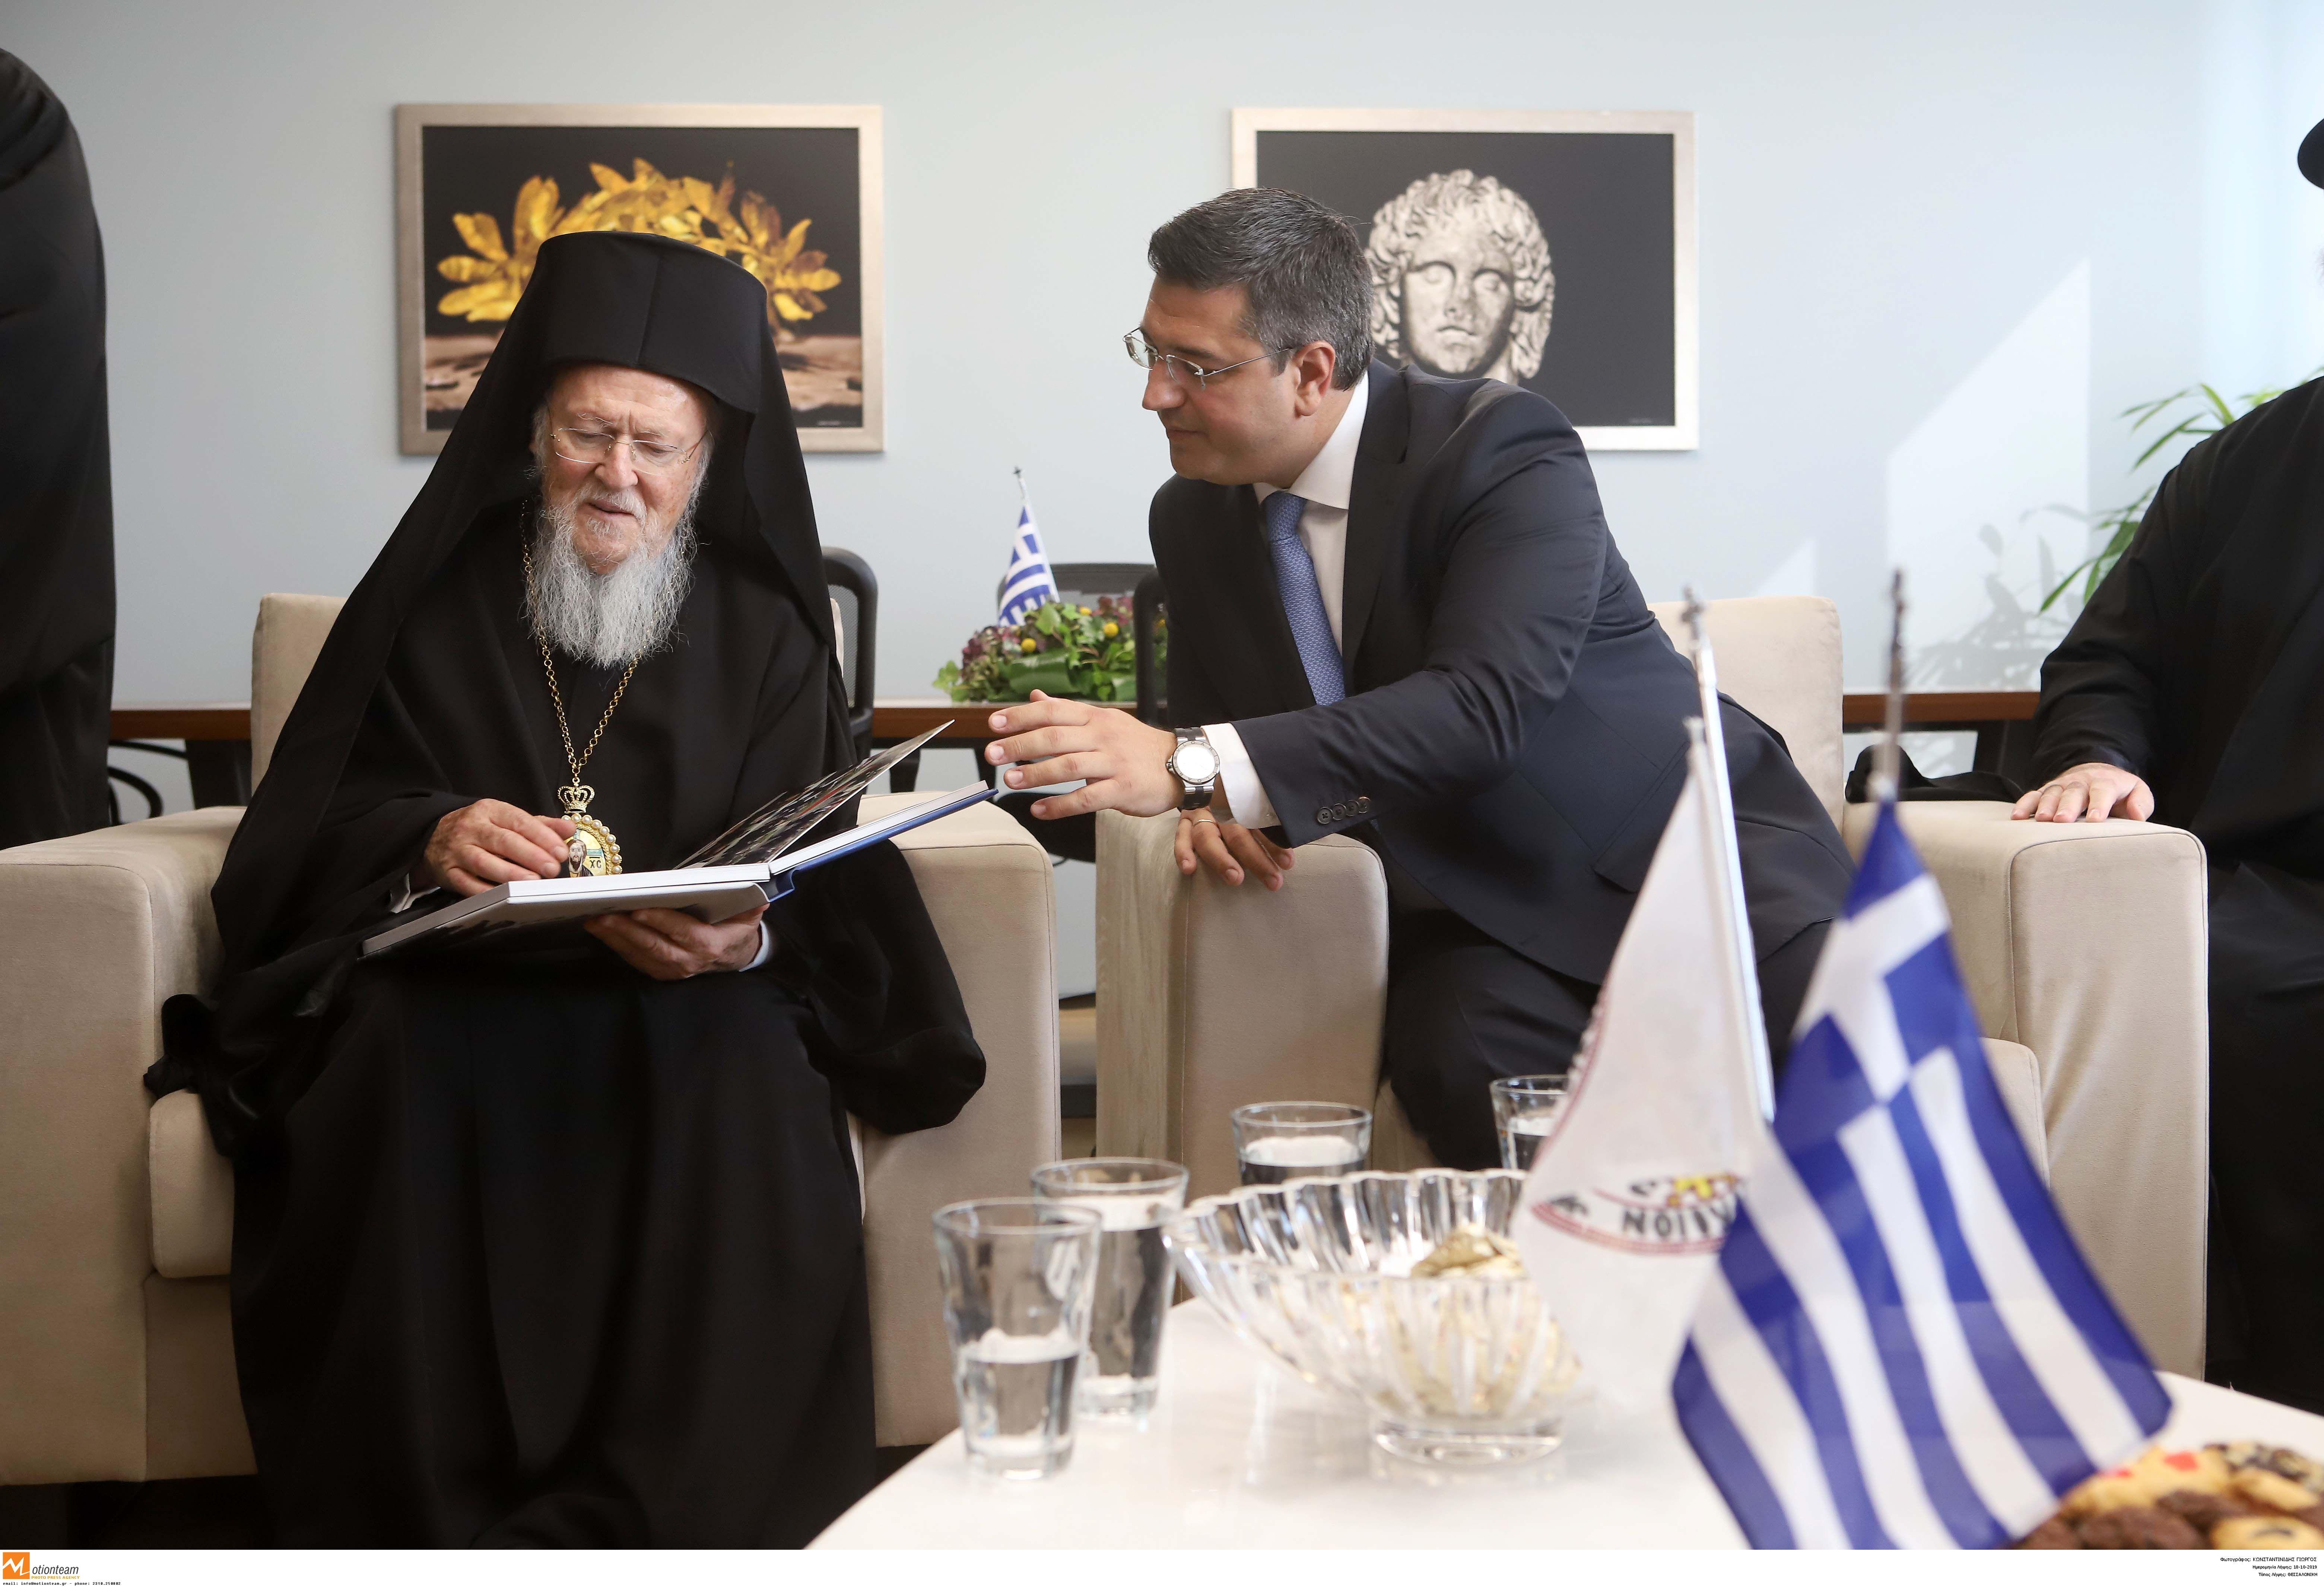 Ο Πατριάρχης Βαρθολομαίος και ο Απόστολος Τζιτζικώστας